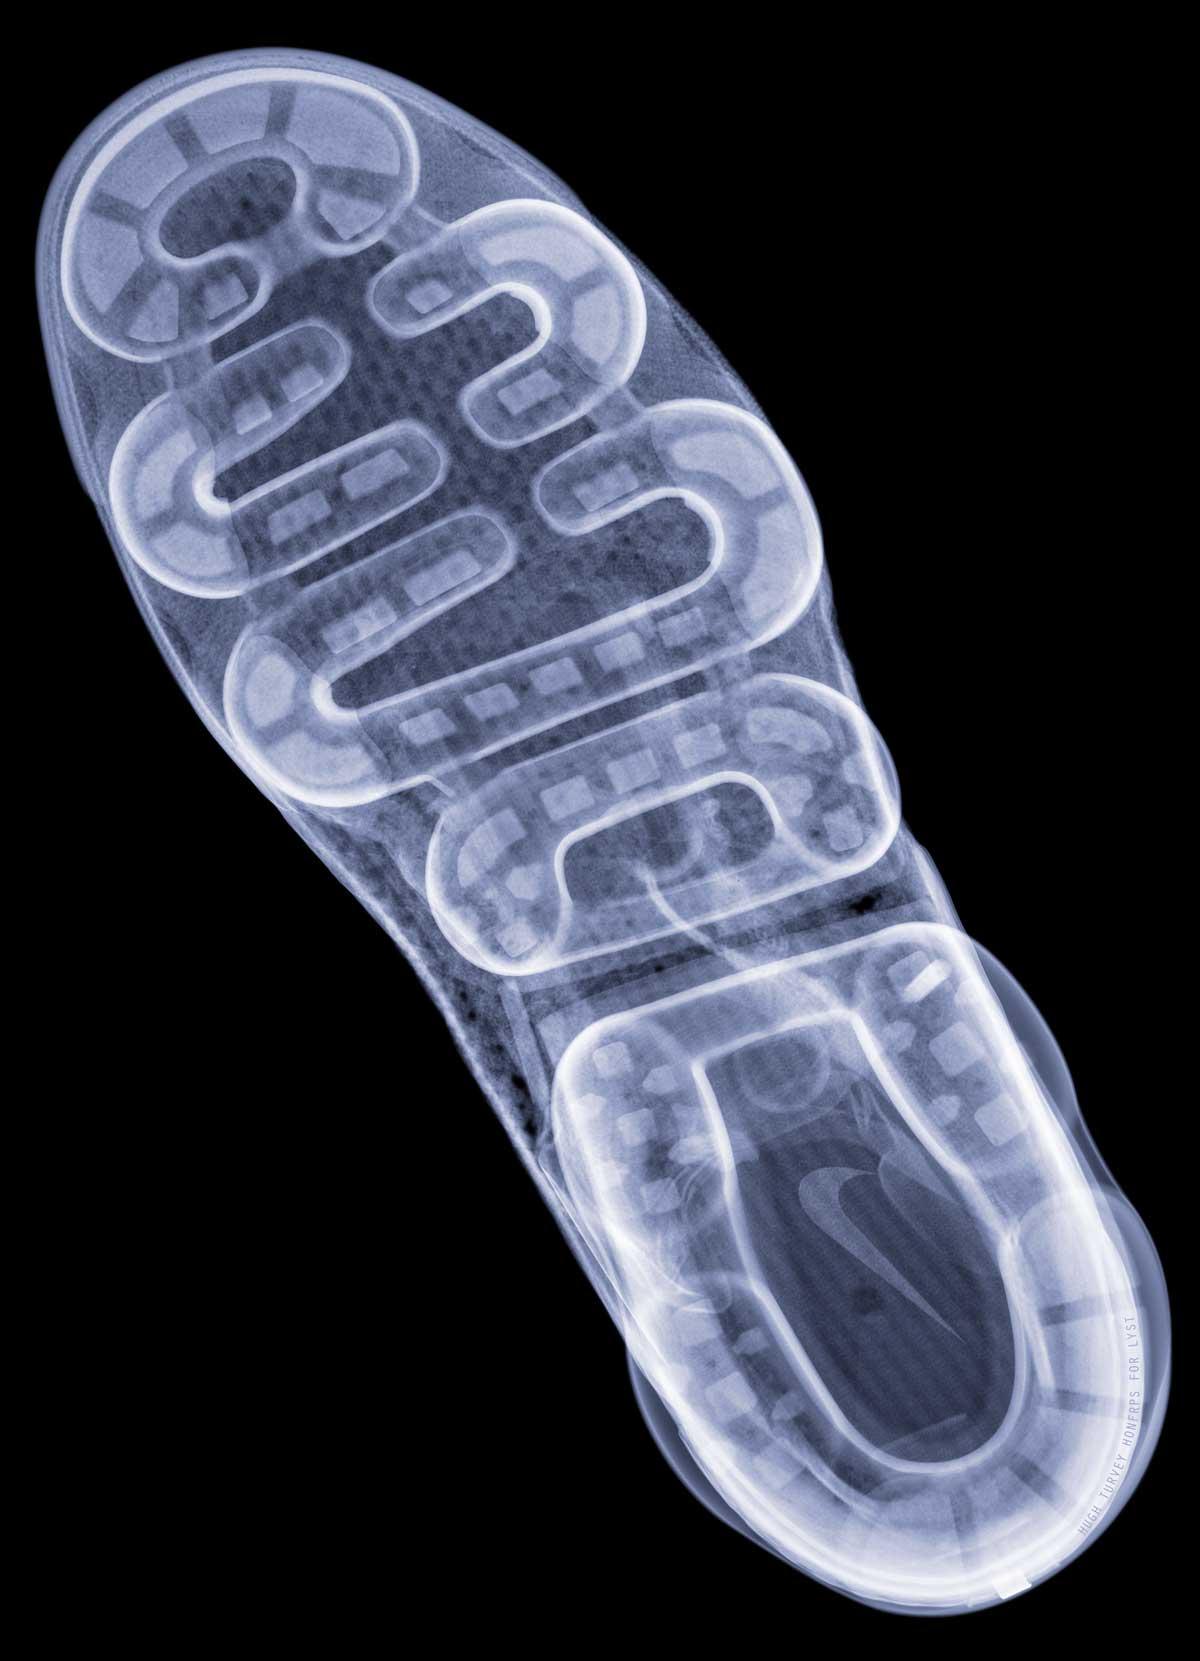 Nike sneaker sole